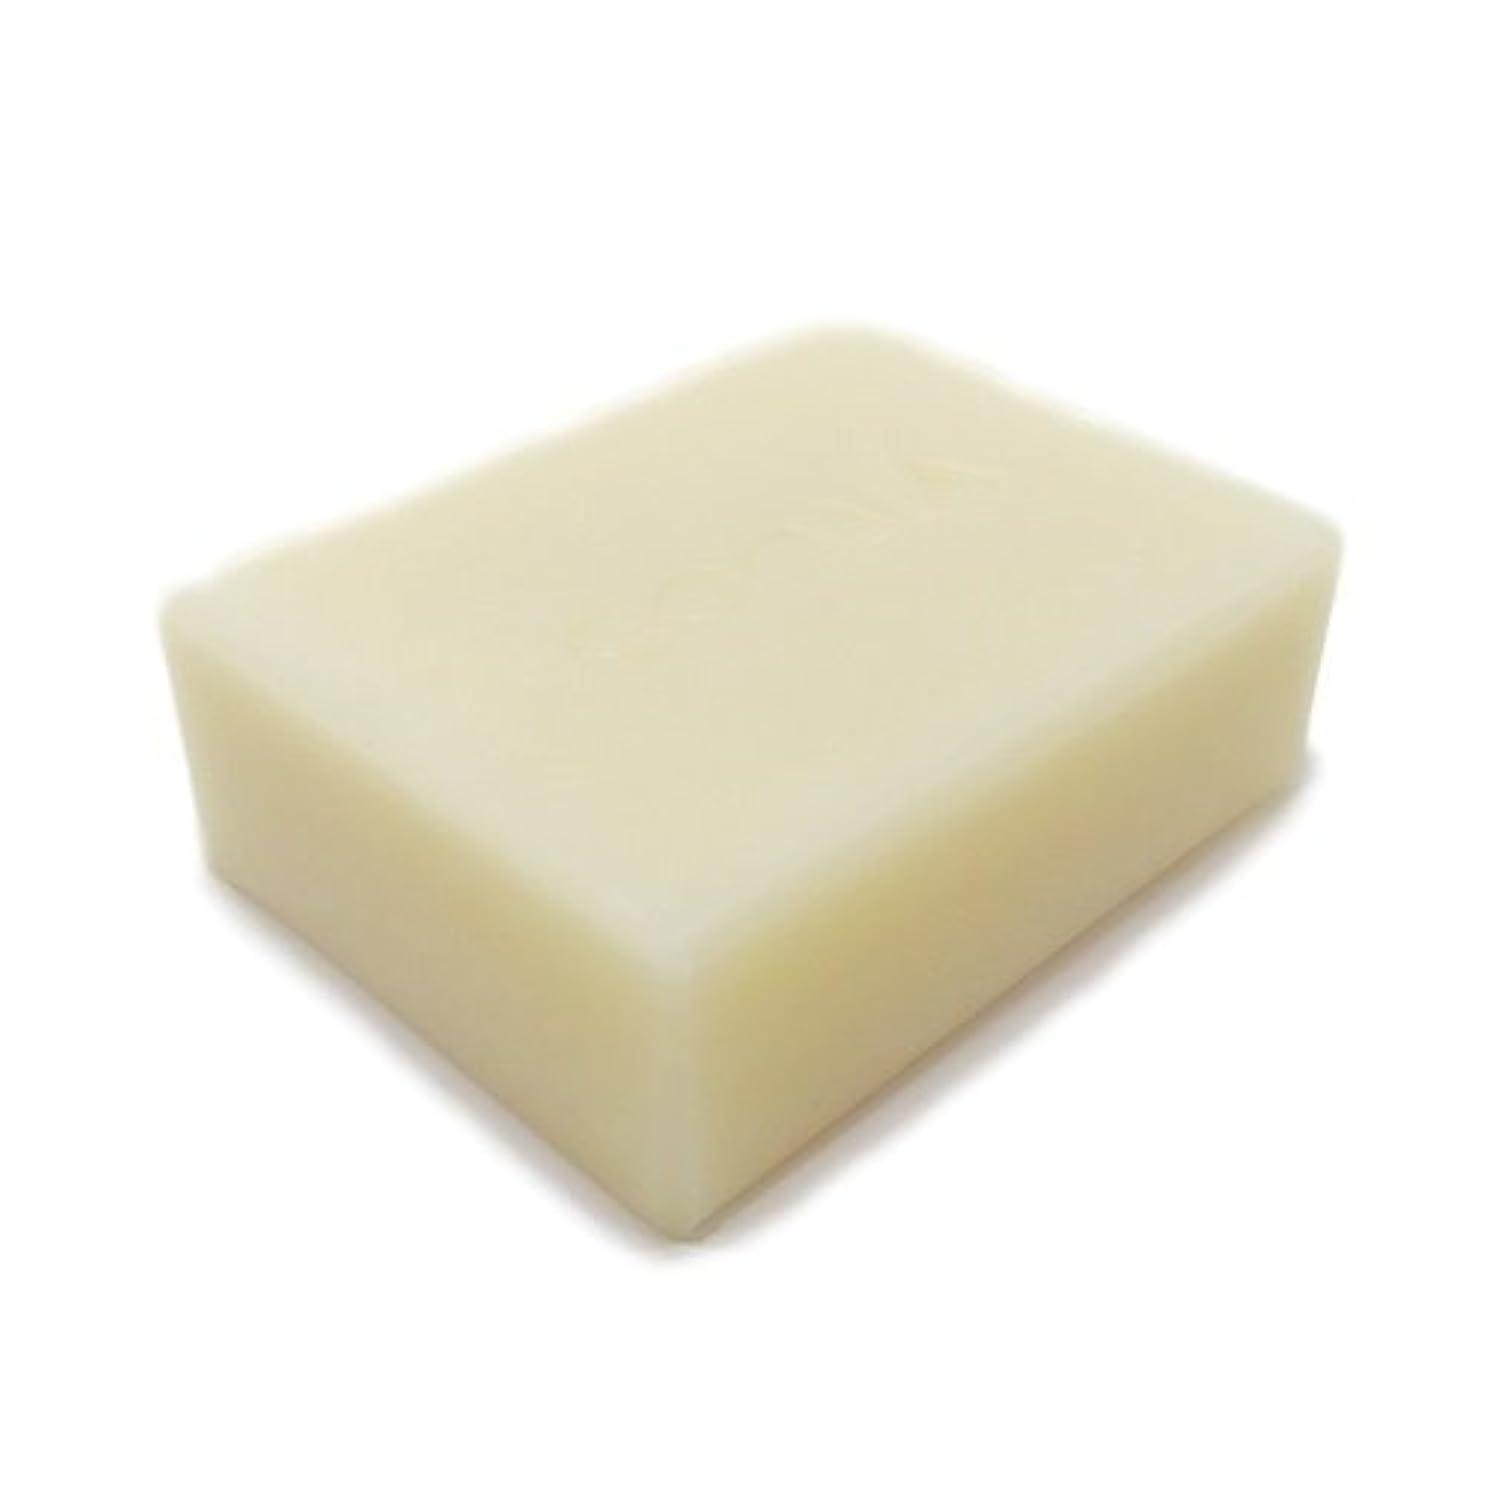 シェーバー小人任意浴用石鹸 COONA和の香り石けん ひのき (天然素材 自然派 コールドプロセス 手作り せっけん) 80g